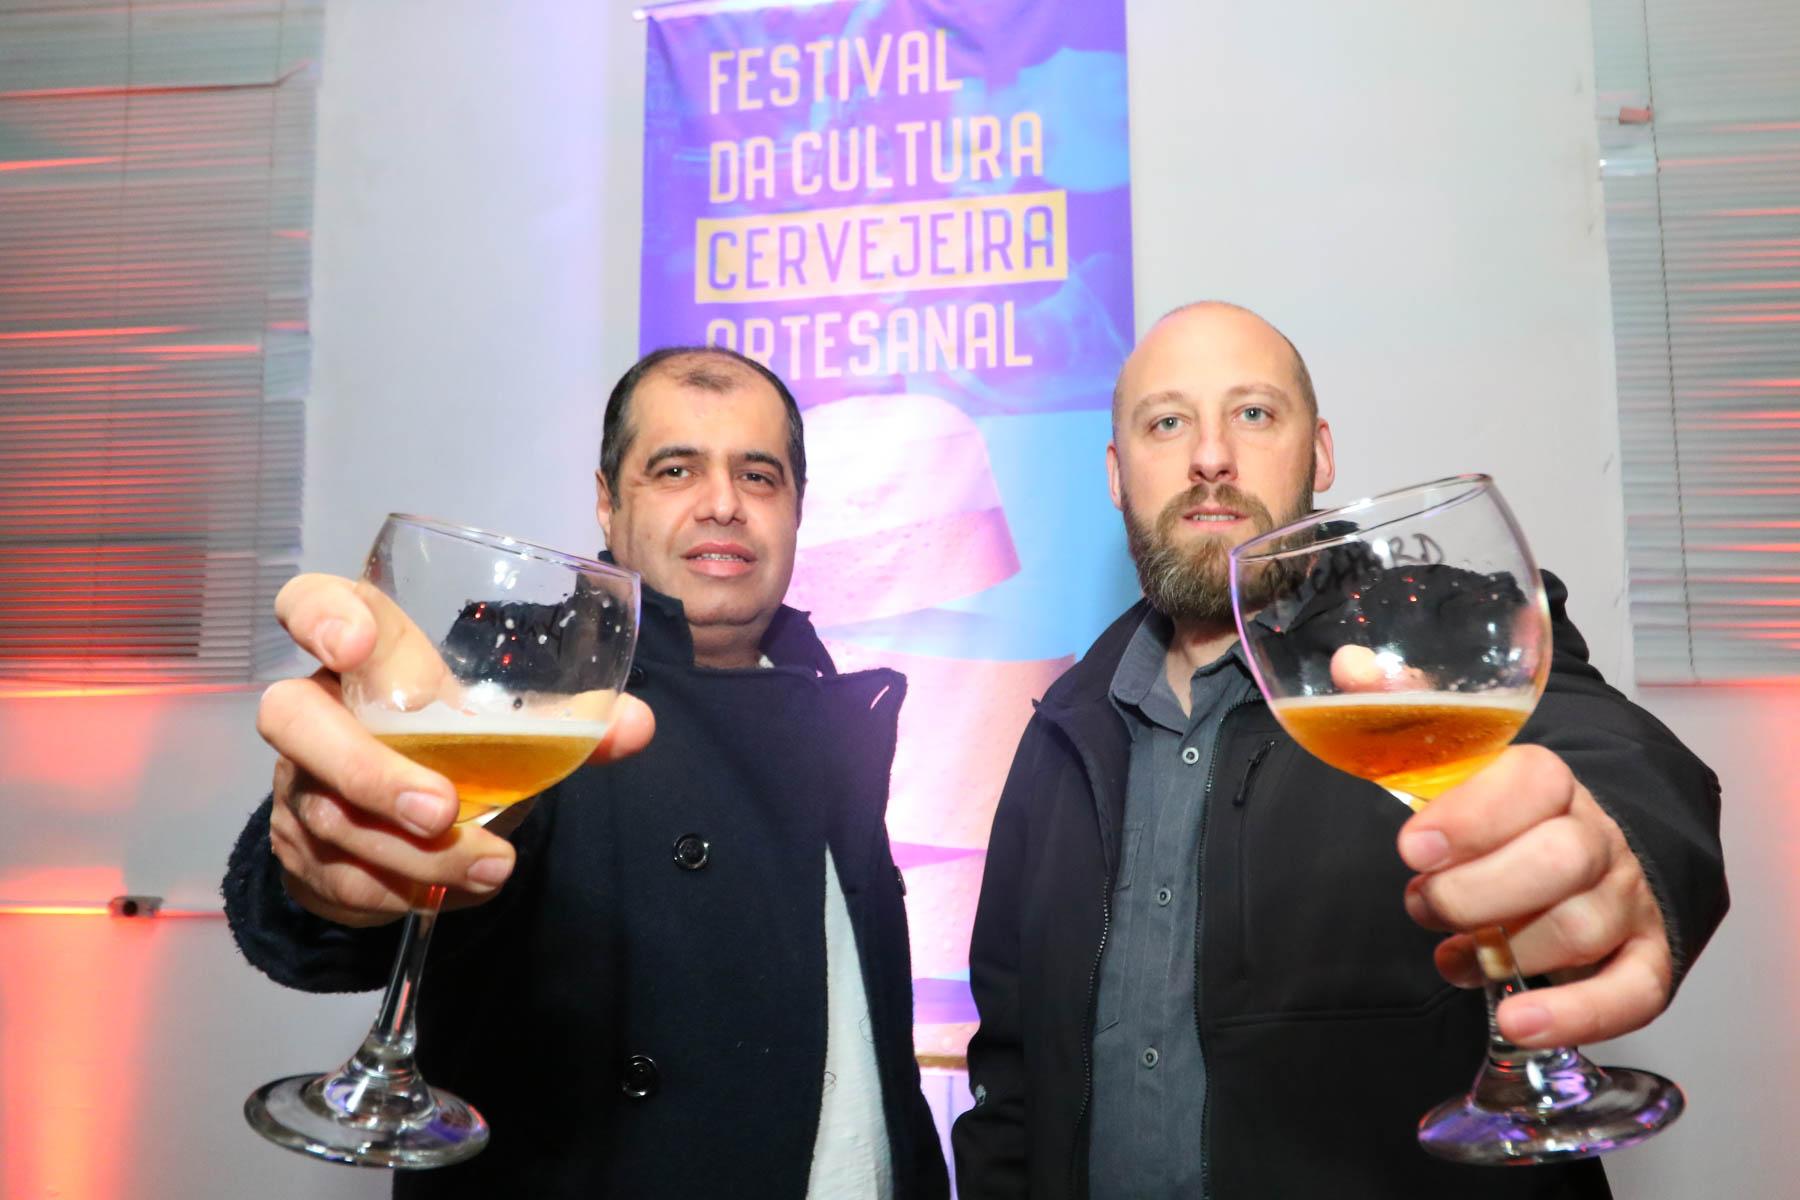 Vocação cervejeira artesanal de Curitiba é tema de festival